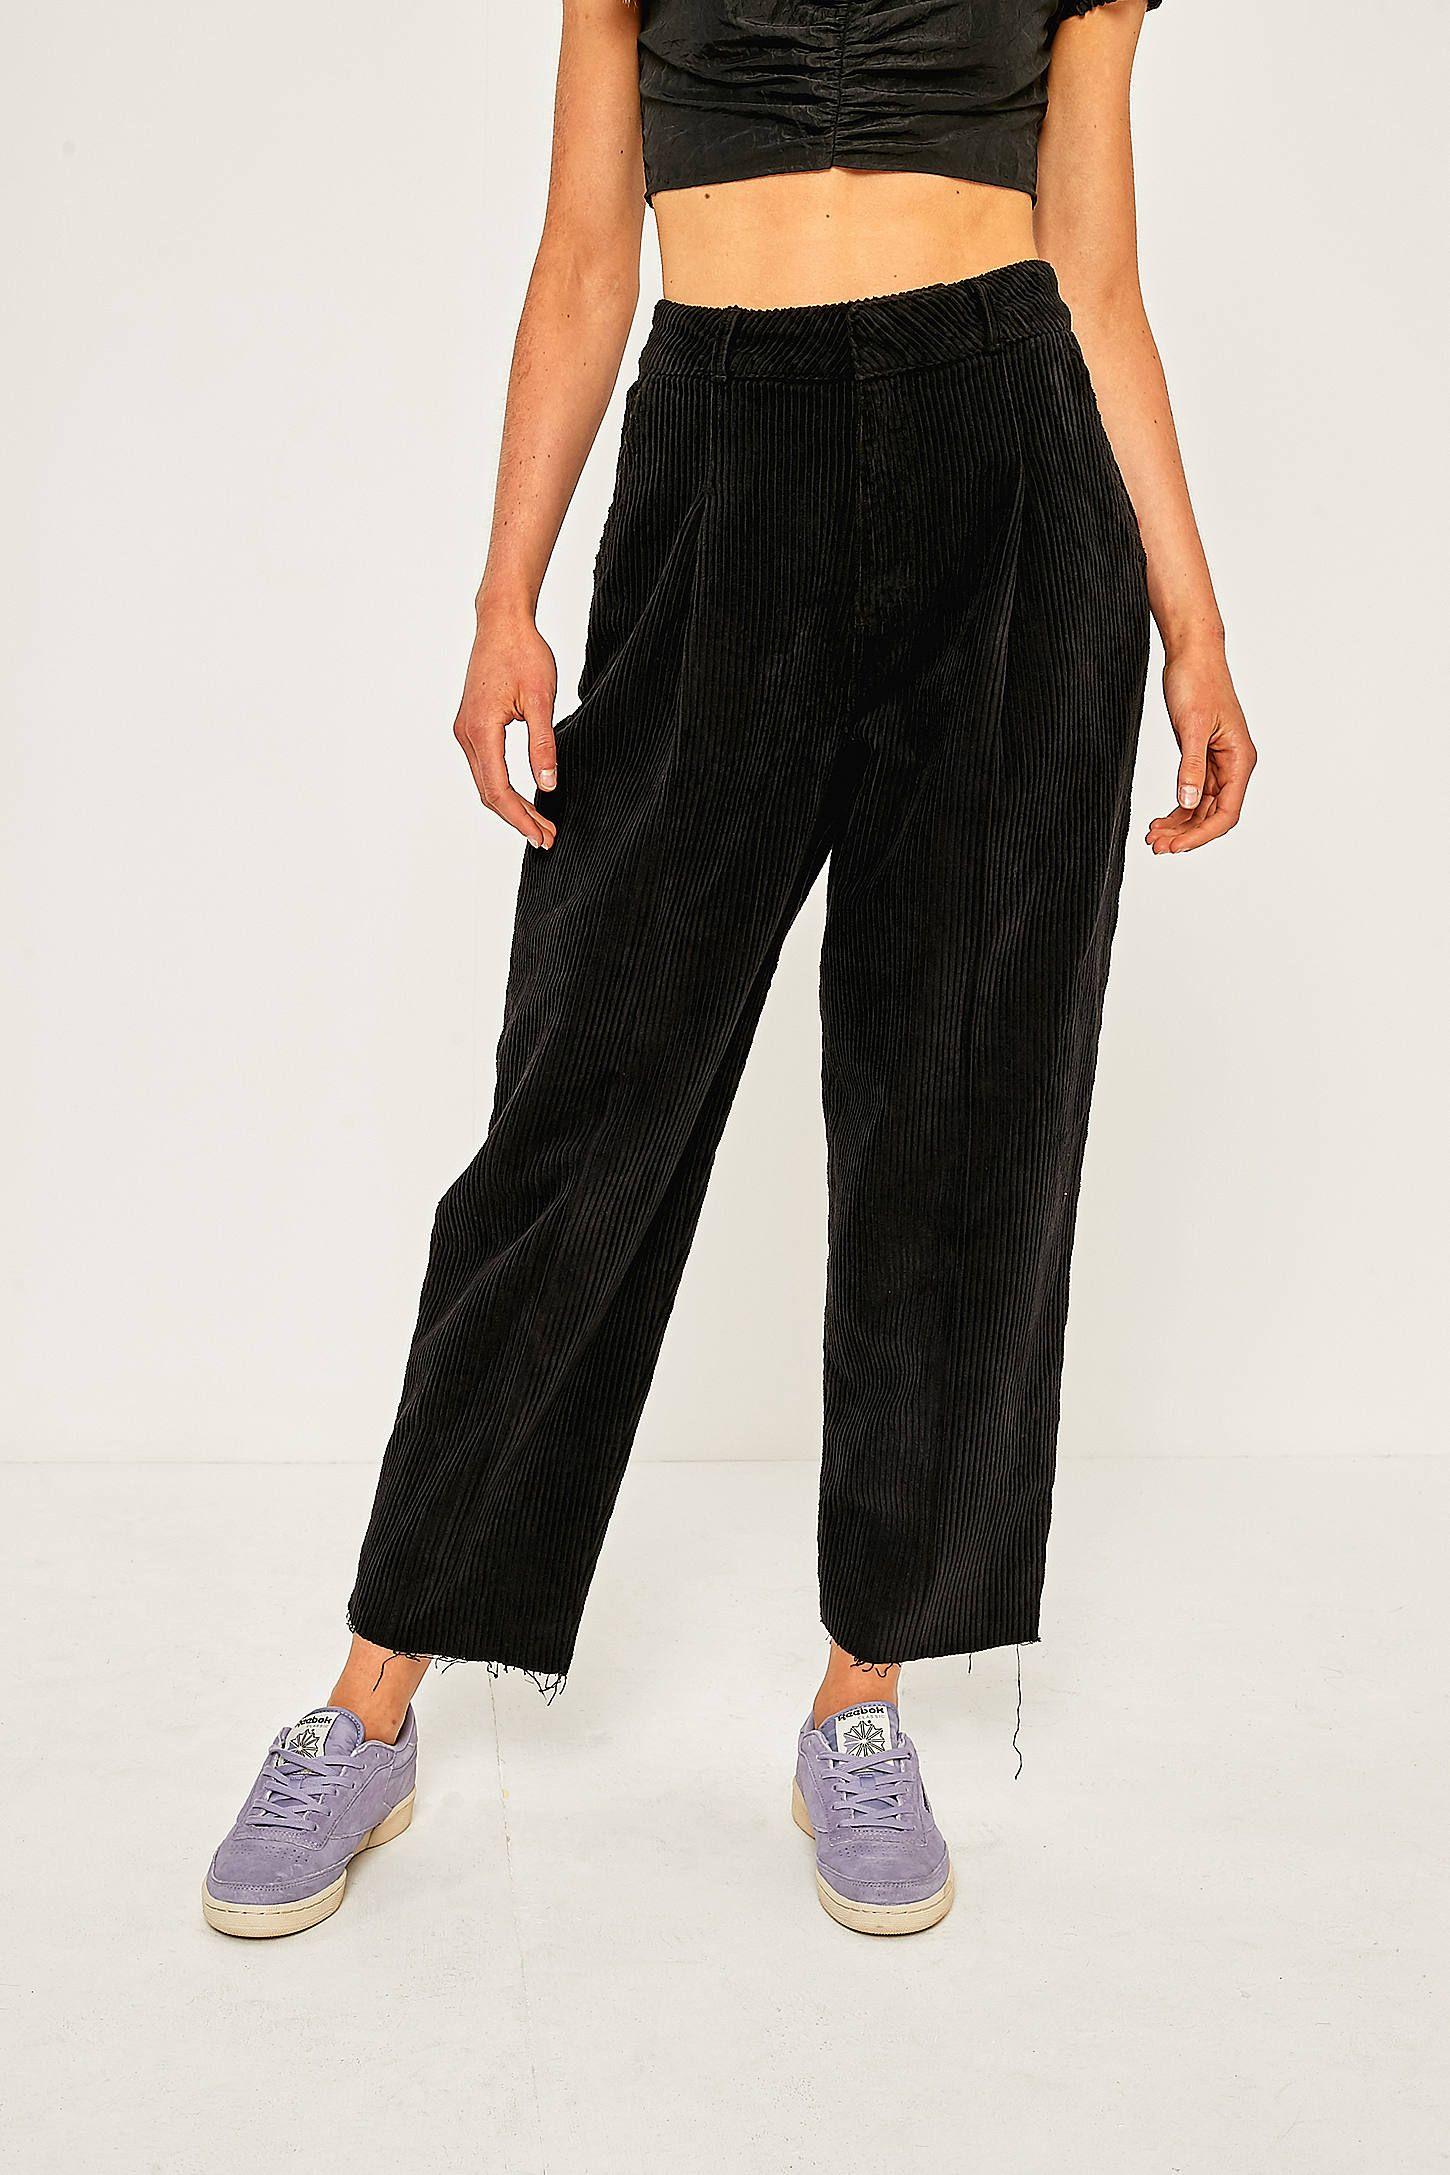 7e8be43470a16 BDG - Pantalon cocon en velours côtelé noir   Urban outfitters ...